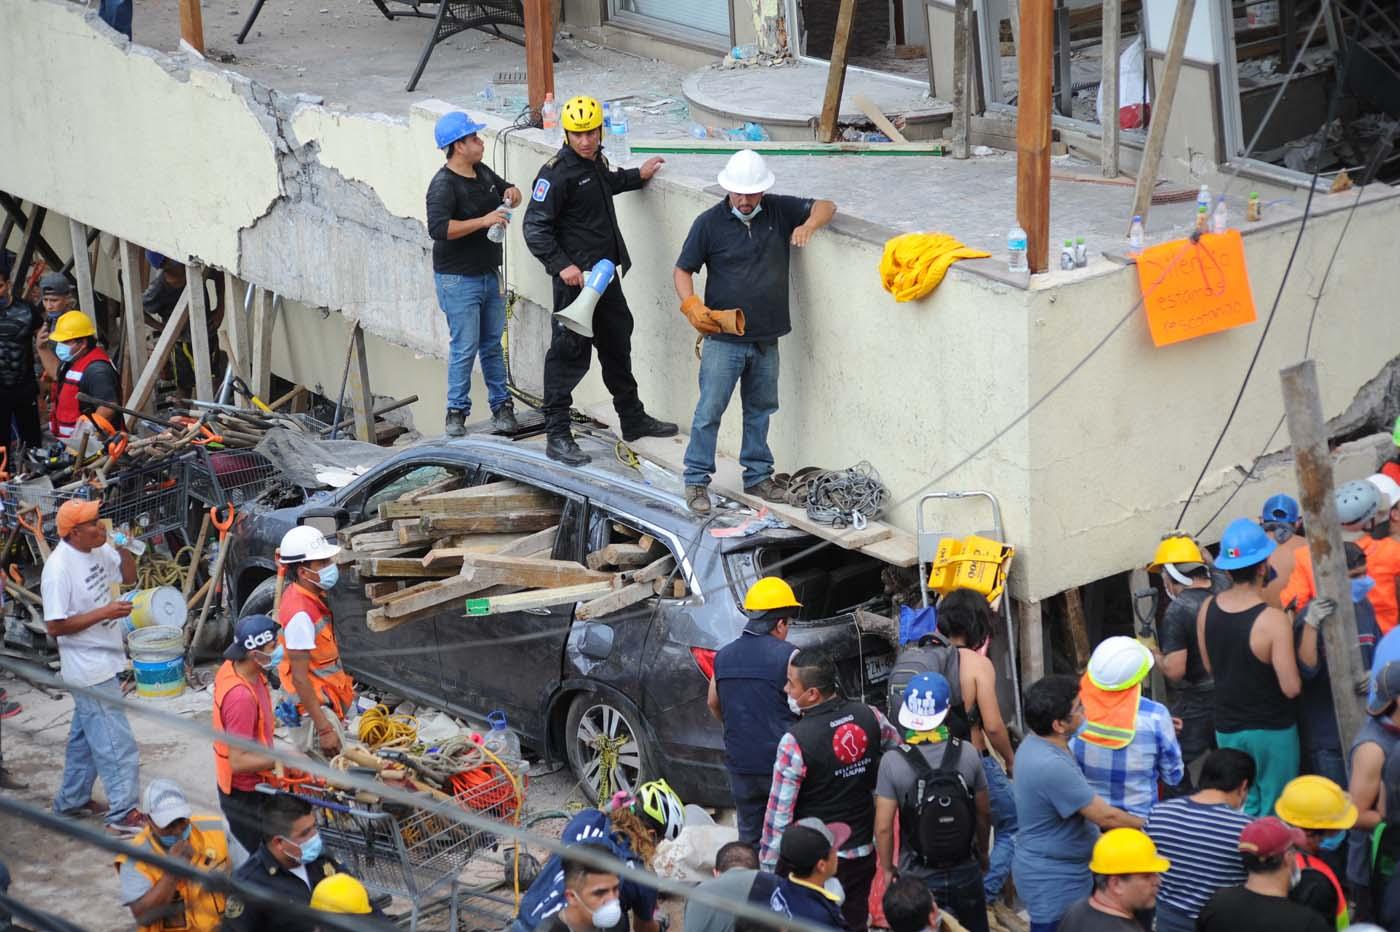 MEX142 CIUDAD DE MÉXICO (MÉXICO), 19/09/2017.- Rescatistas y voluntarios trabajan en las tareas de rescate en el Colegio Enrique Rebsamen hoy, martes 19 de septiembre de 2017, en Ciudad de México (México). Por lo menos 20 niños y dos adultos murieron, y otras 38 personas están desaparecidas, en una escuela que se derrumbó en el sur de Ciudad de México a causa del sismo que hoy sacudió amplias porciones del país, informó el presidente Enrique Peña Nieto. EFE/STR